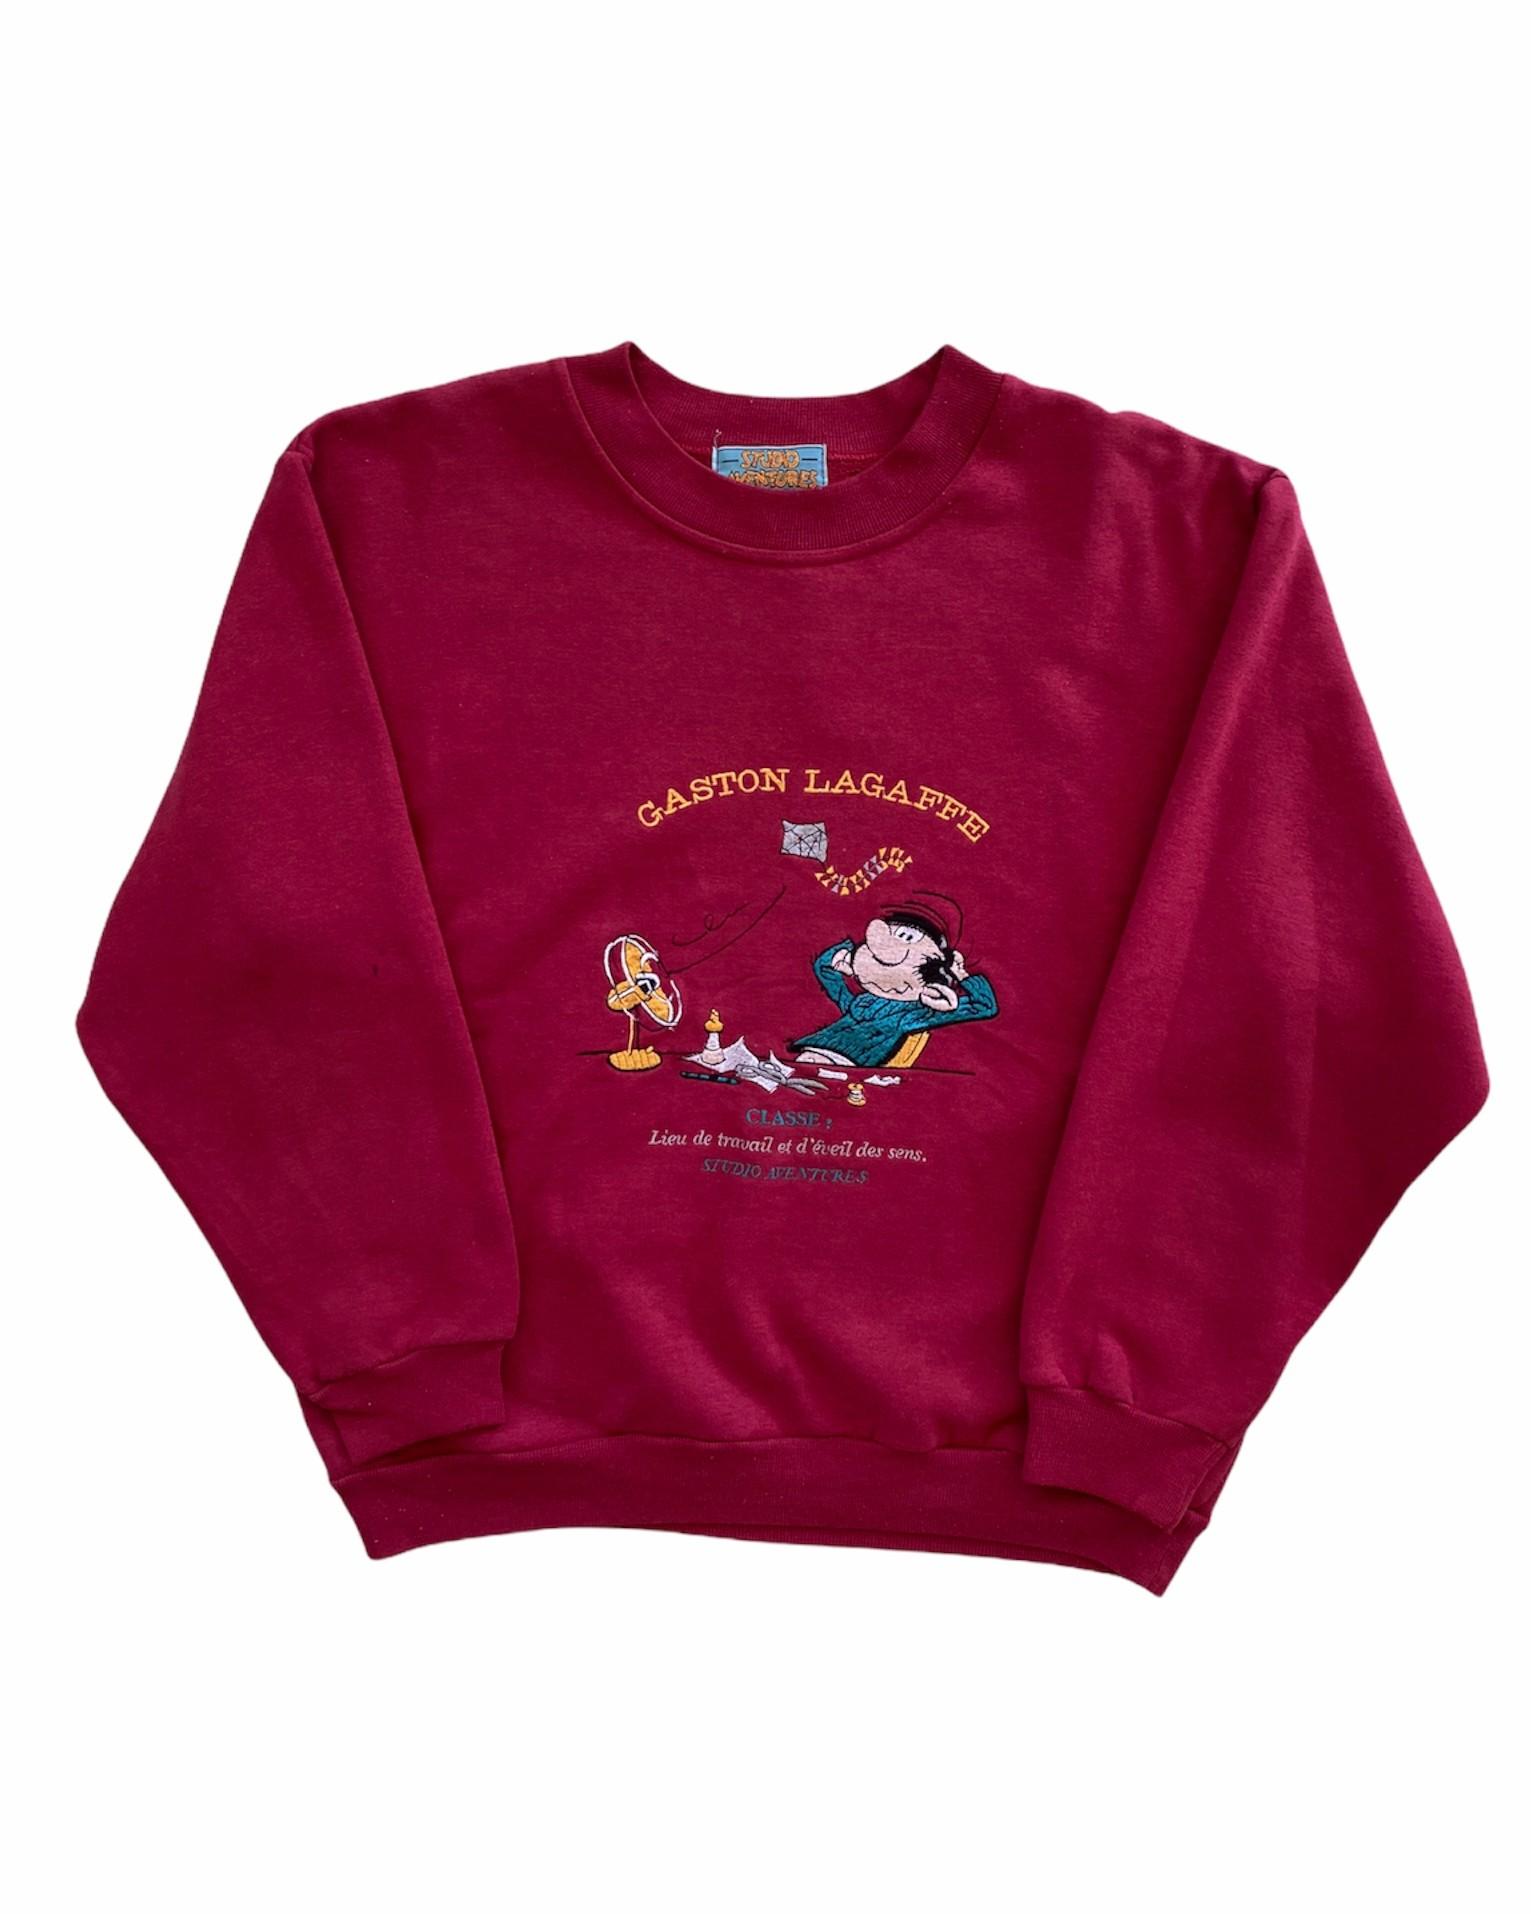 Gaston Lagaffe 1999 Vintage Sweatshirt (S)